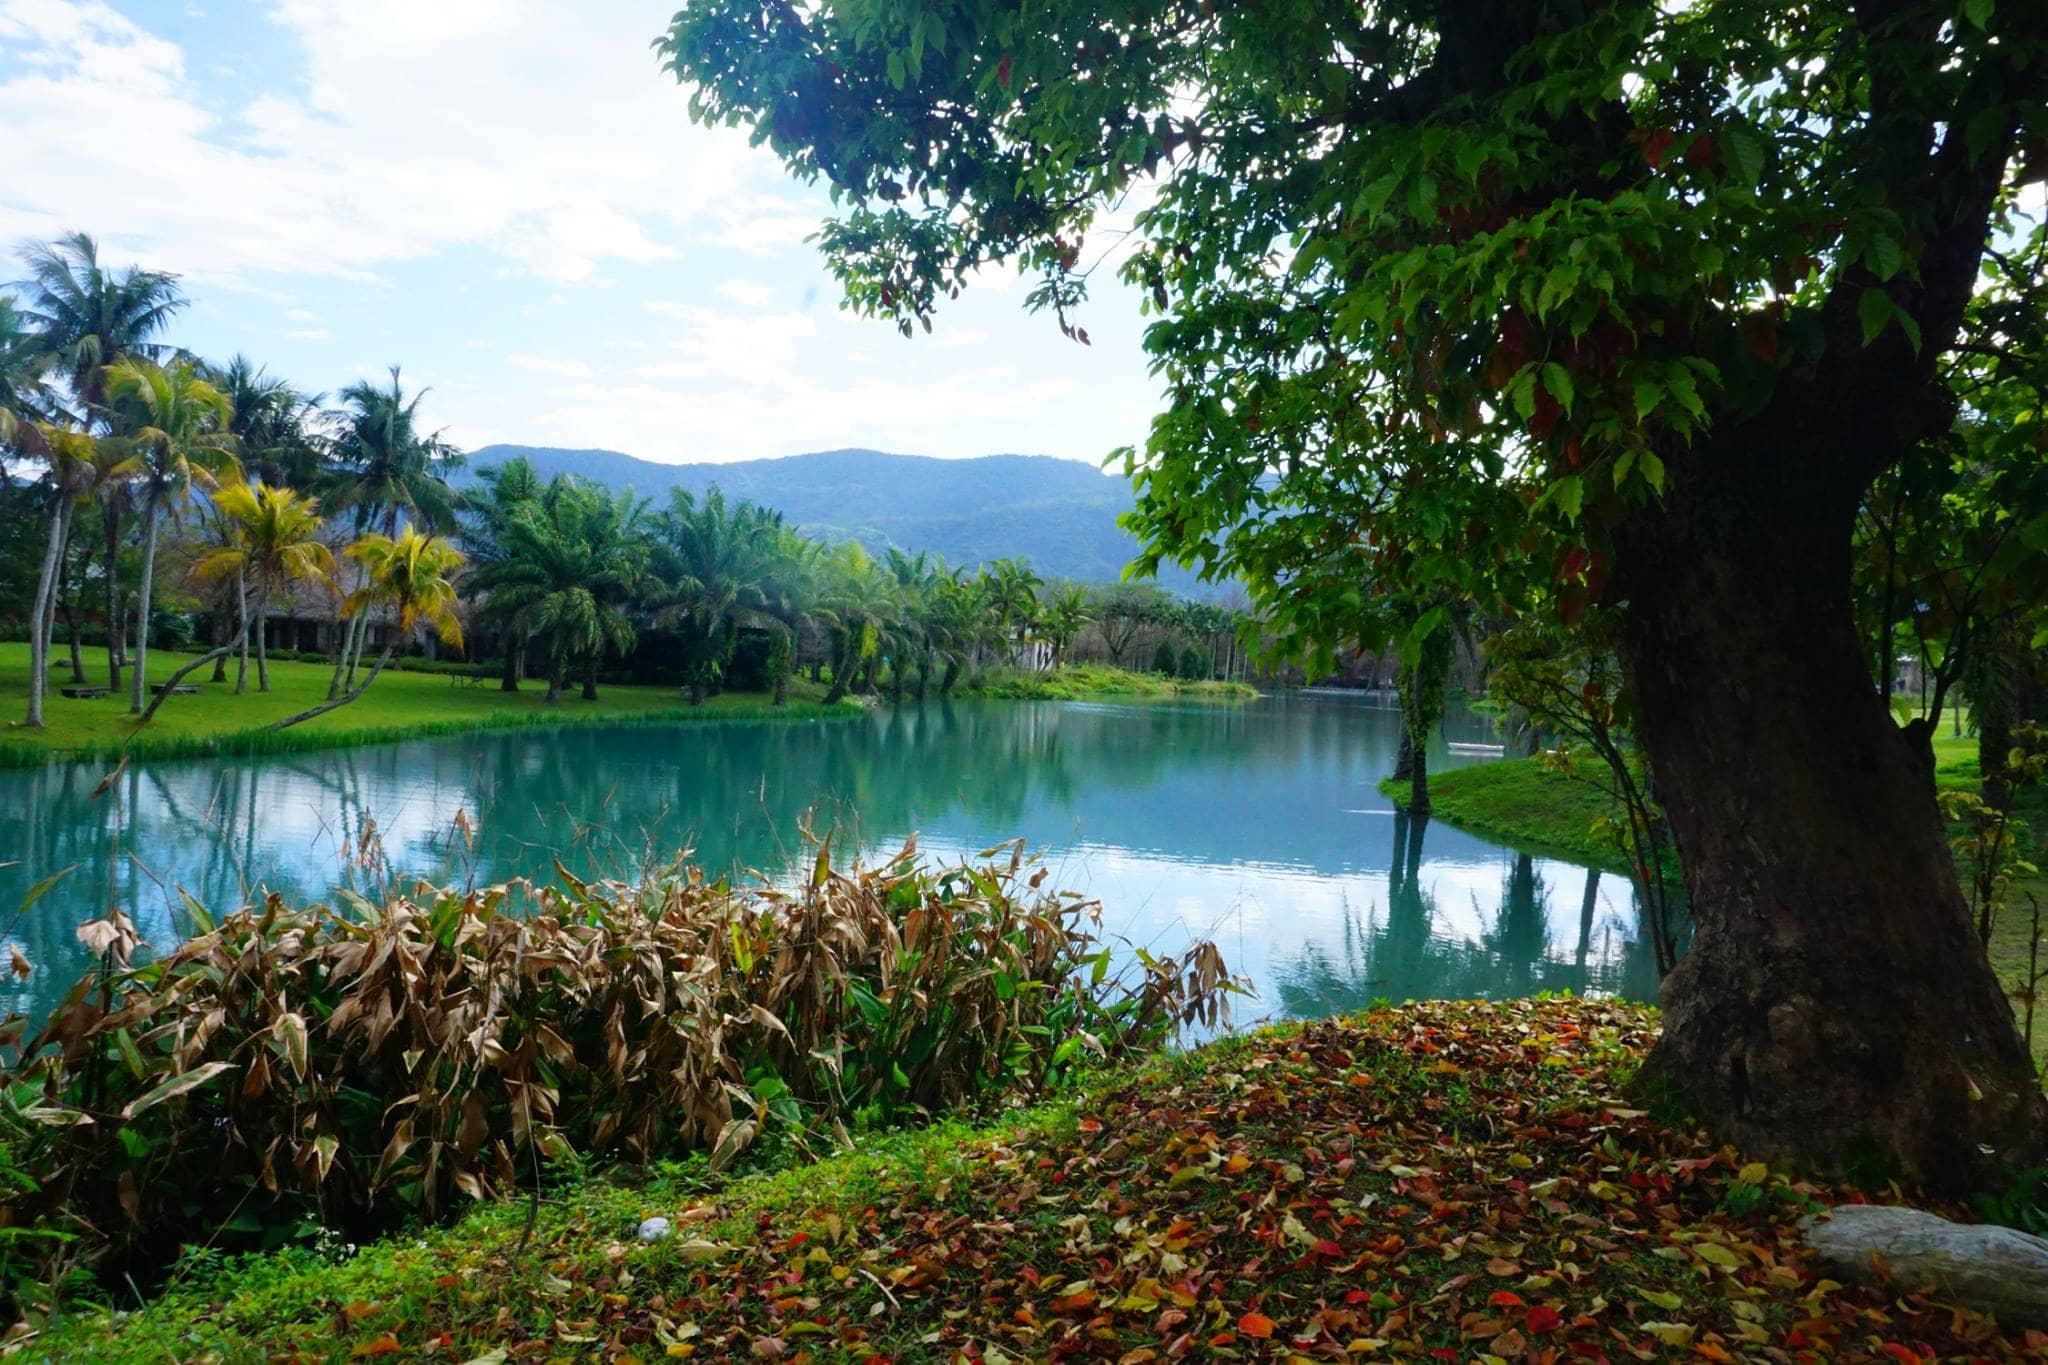 khám phá thiên nhiên đài loan: rừng quốc gia ở hoa liên